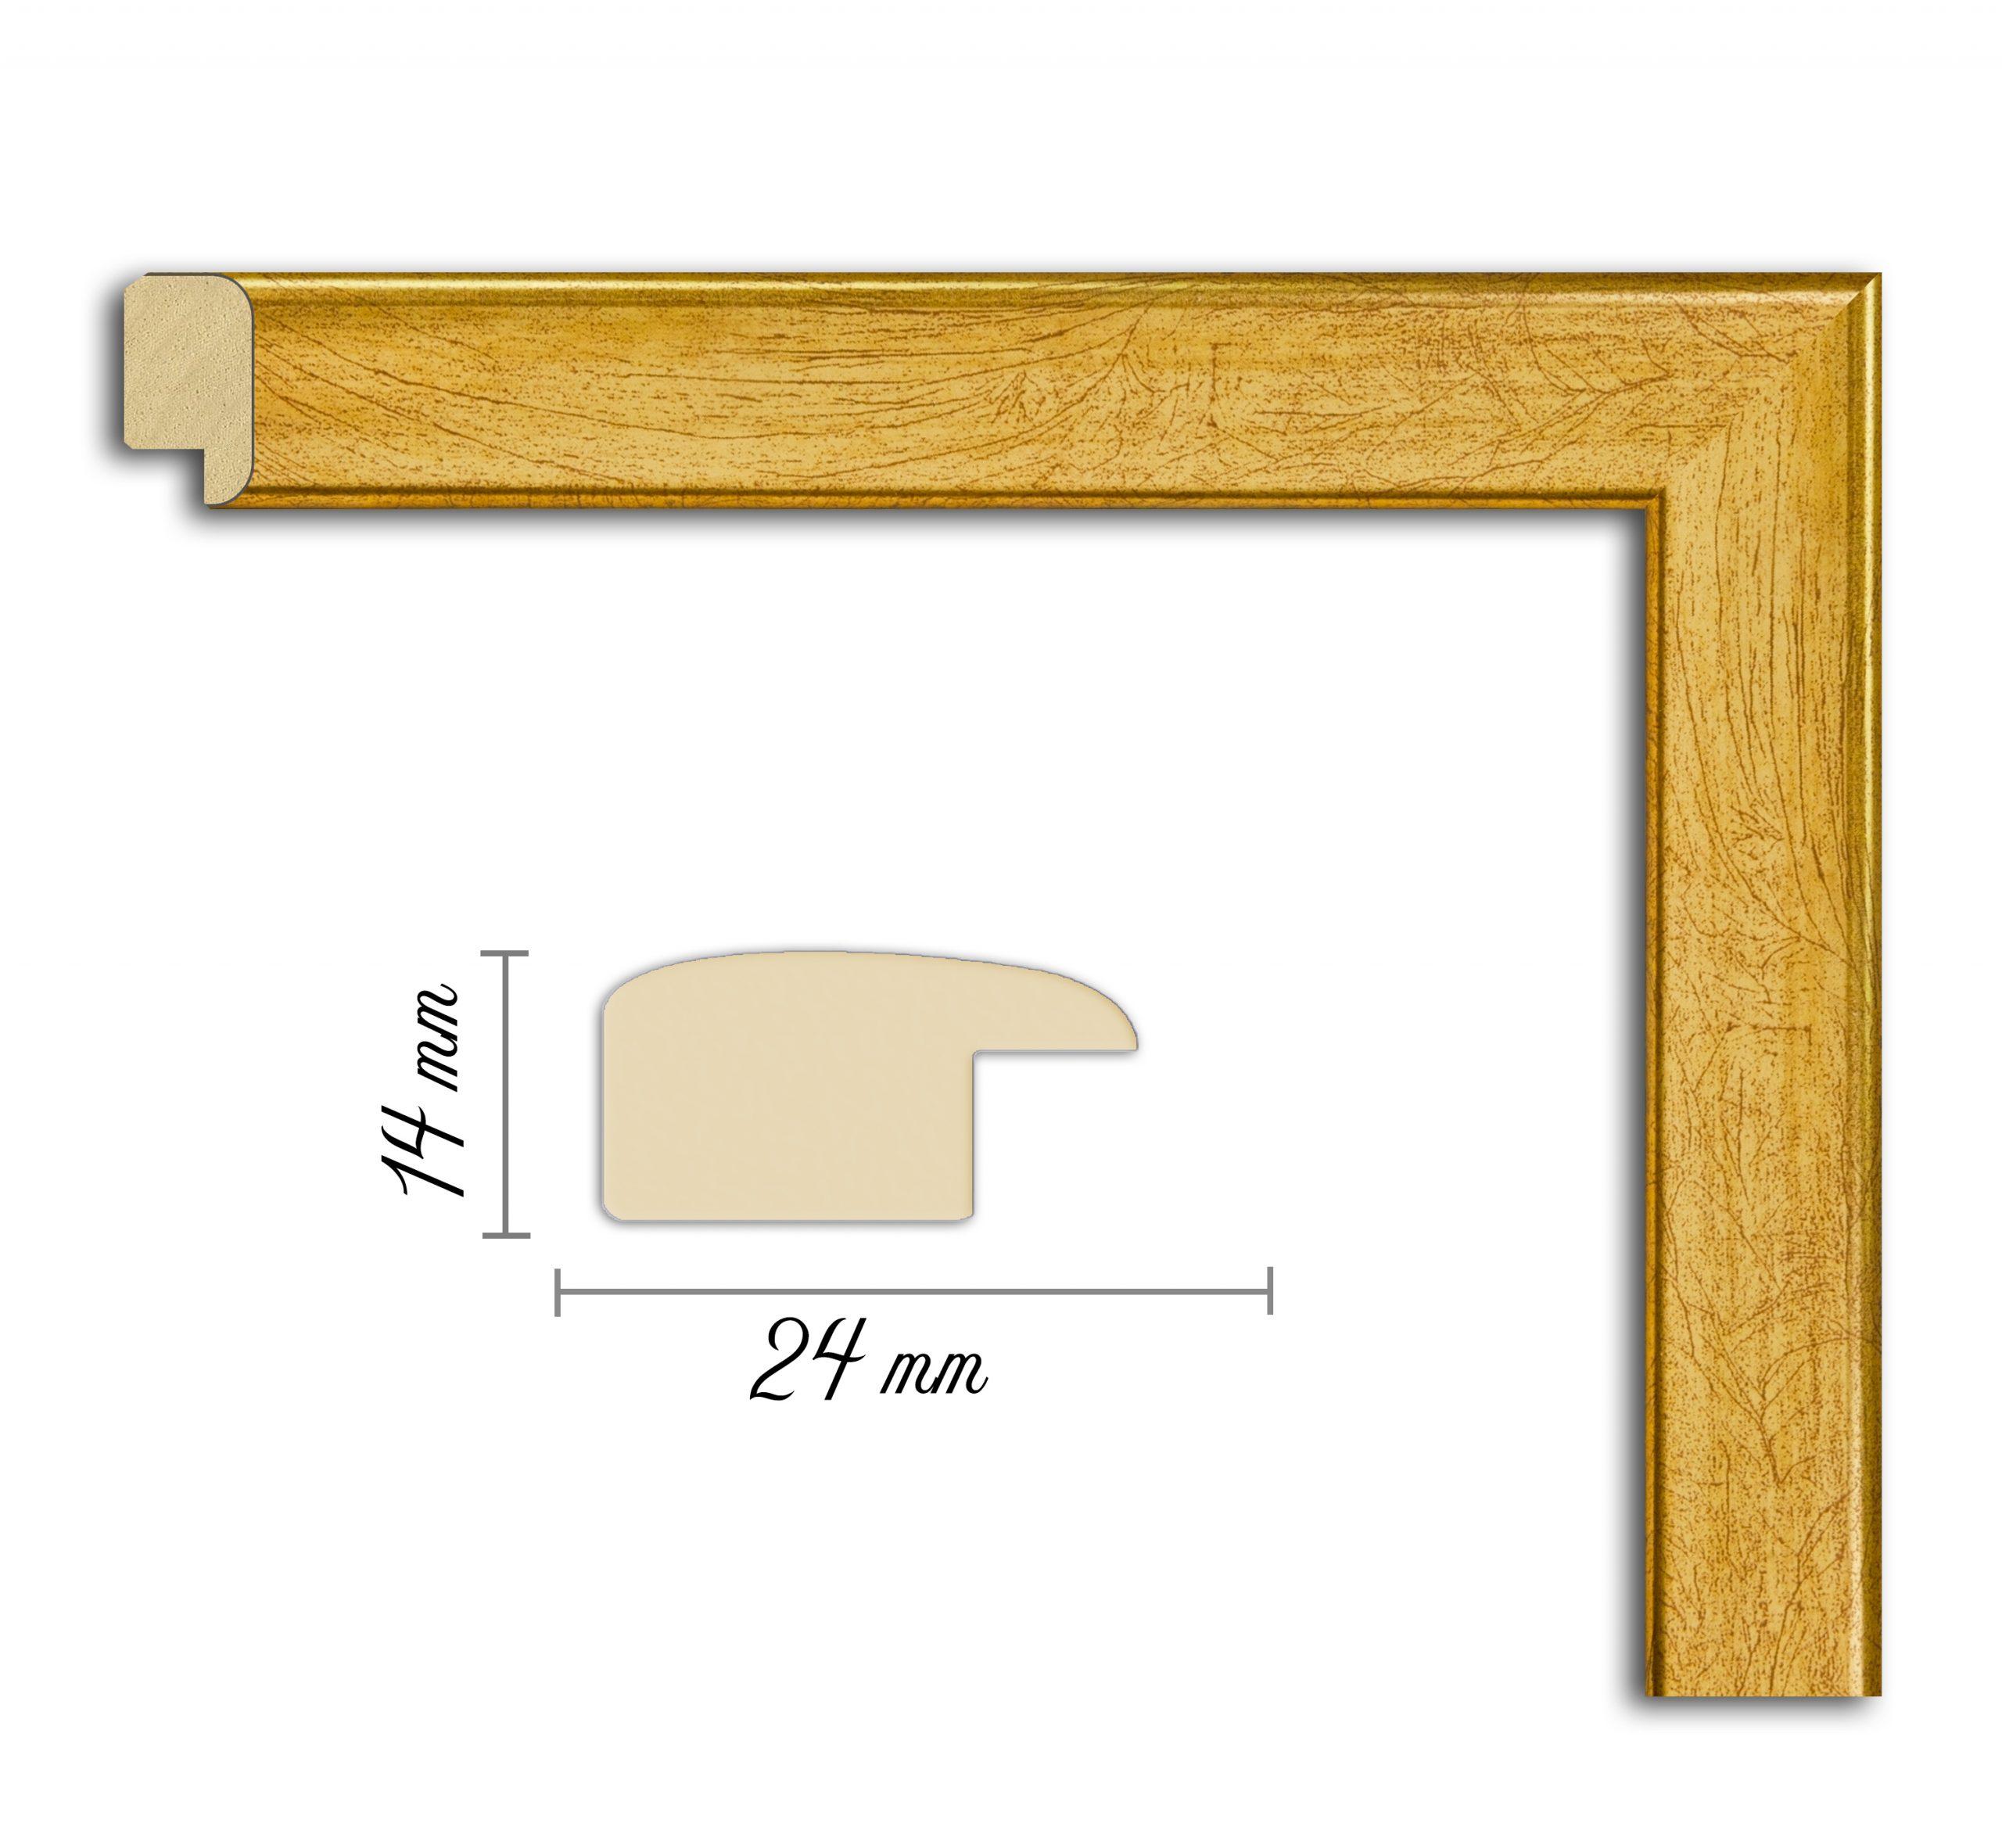 Дървен профил 05-24, Дървени профили за рамки, рамкиране, рамки за картини, рамки за гоблени, профили за рамки, профили за рамкиране, рамки от дърво, дървени рамки, профили за рамки, профили за рамкране, рамкиране на картини; златна рамка, златна дървена рамка, златист профил за рамка, златиста рамка от дърво; Дървен профил златен, златиста рамка, златен прфил за рамка;